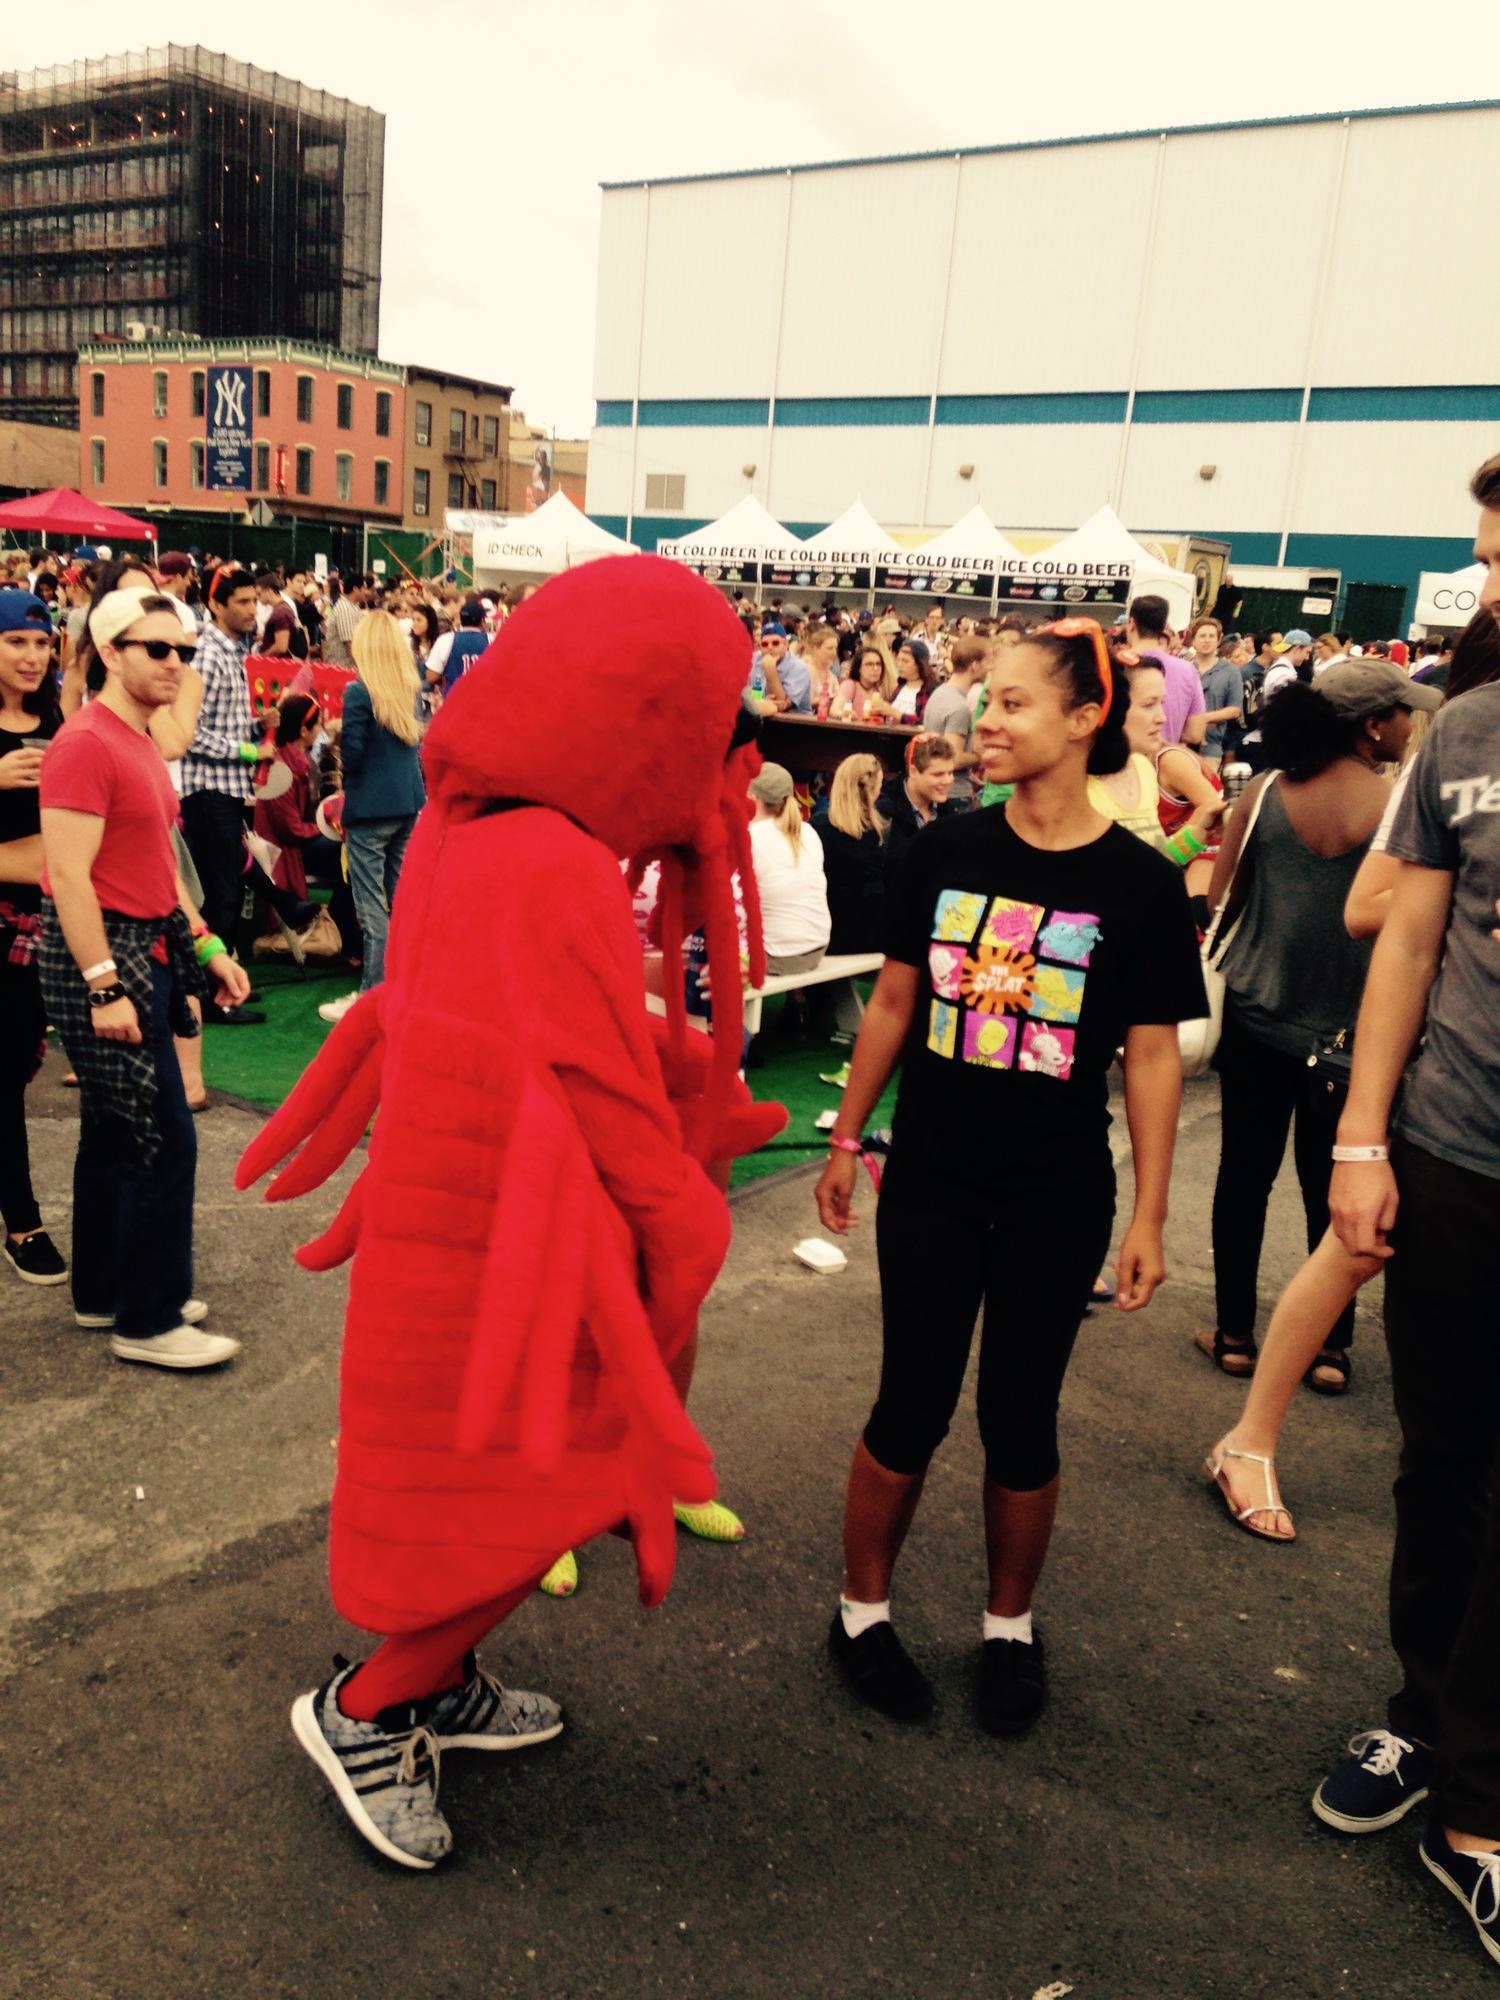 Bring out the dancin' lobstahs!